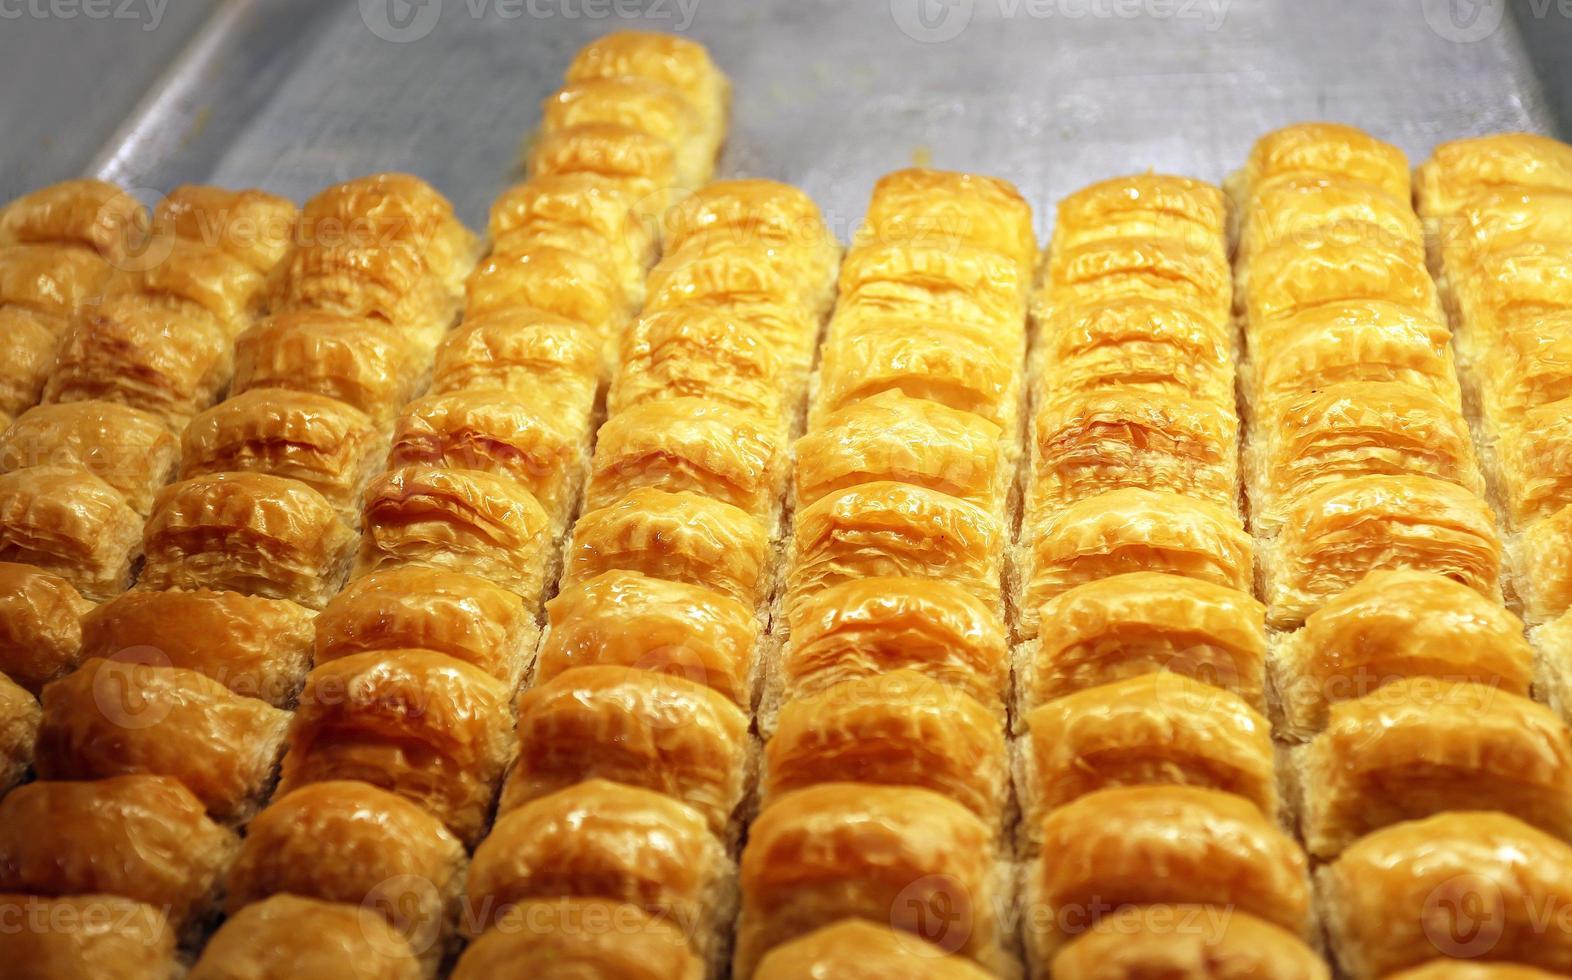 baklava saboroso de doces orientais foto